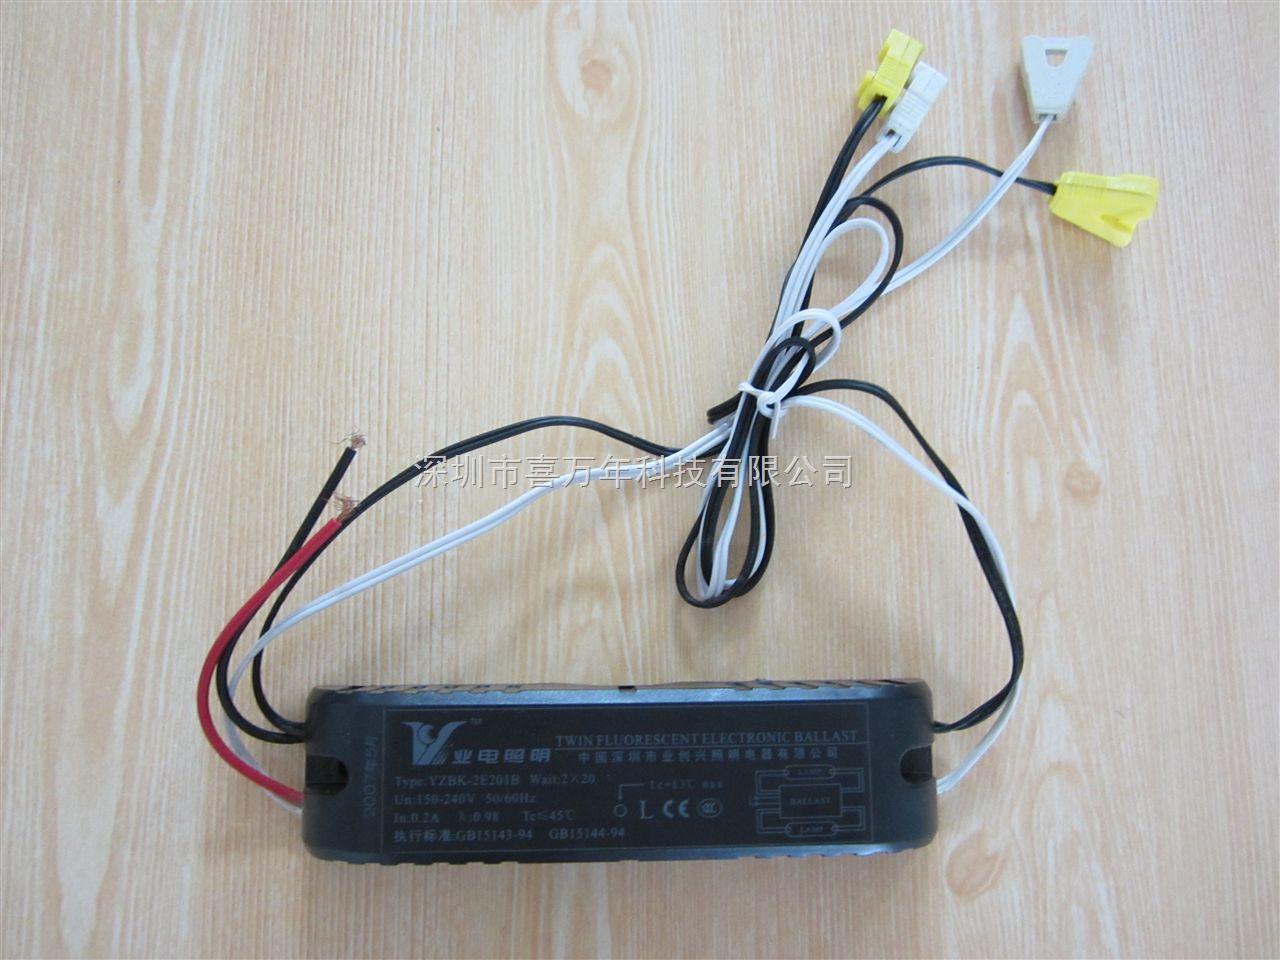 灯箱专用镇流器 灯箱专用电子镇流器,2*20w,2*40w,t5c